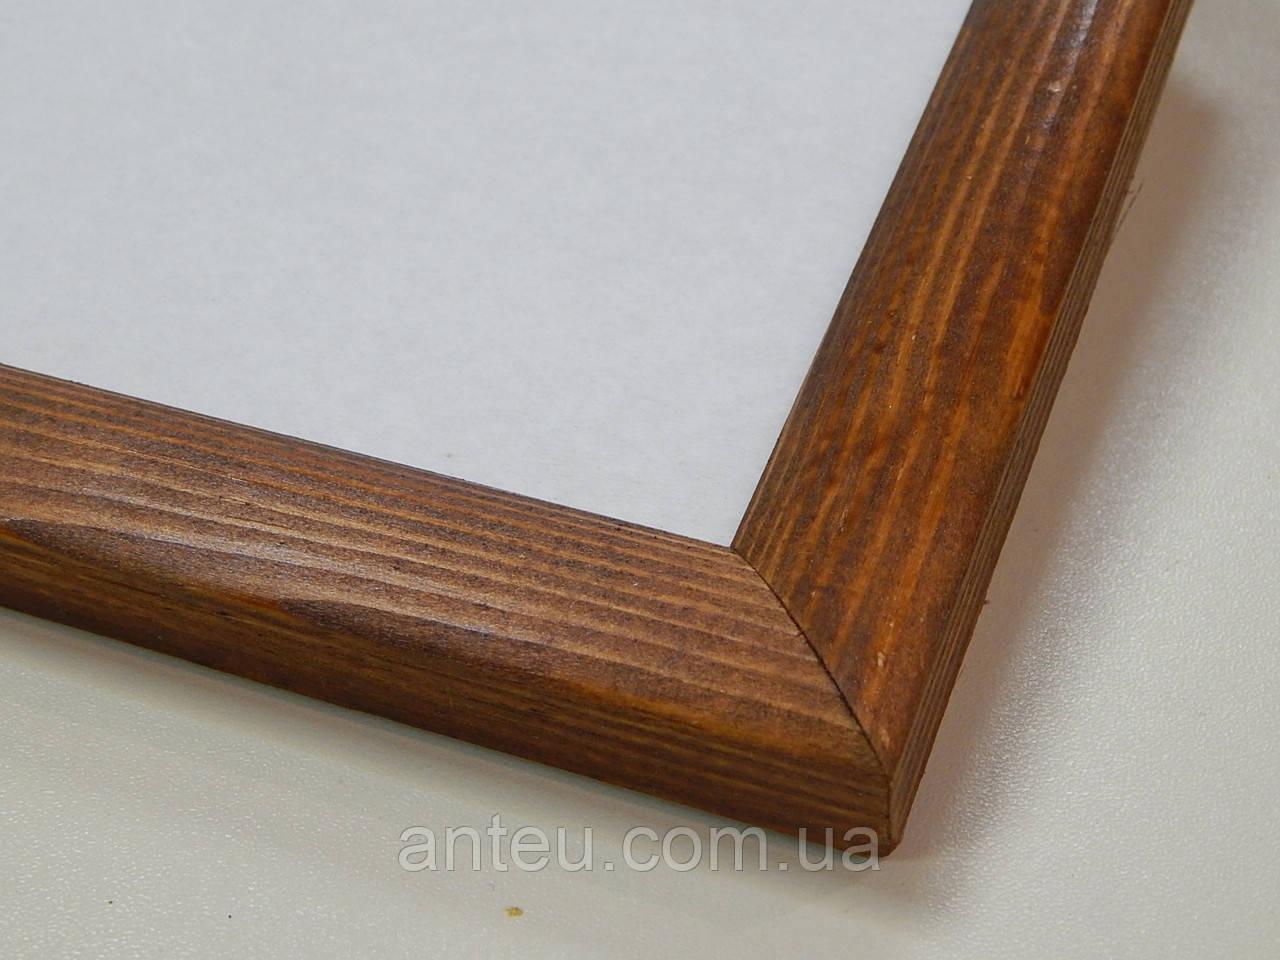 Рамки деревянные (сосна).23 мм. Орех.